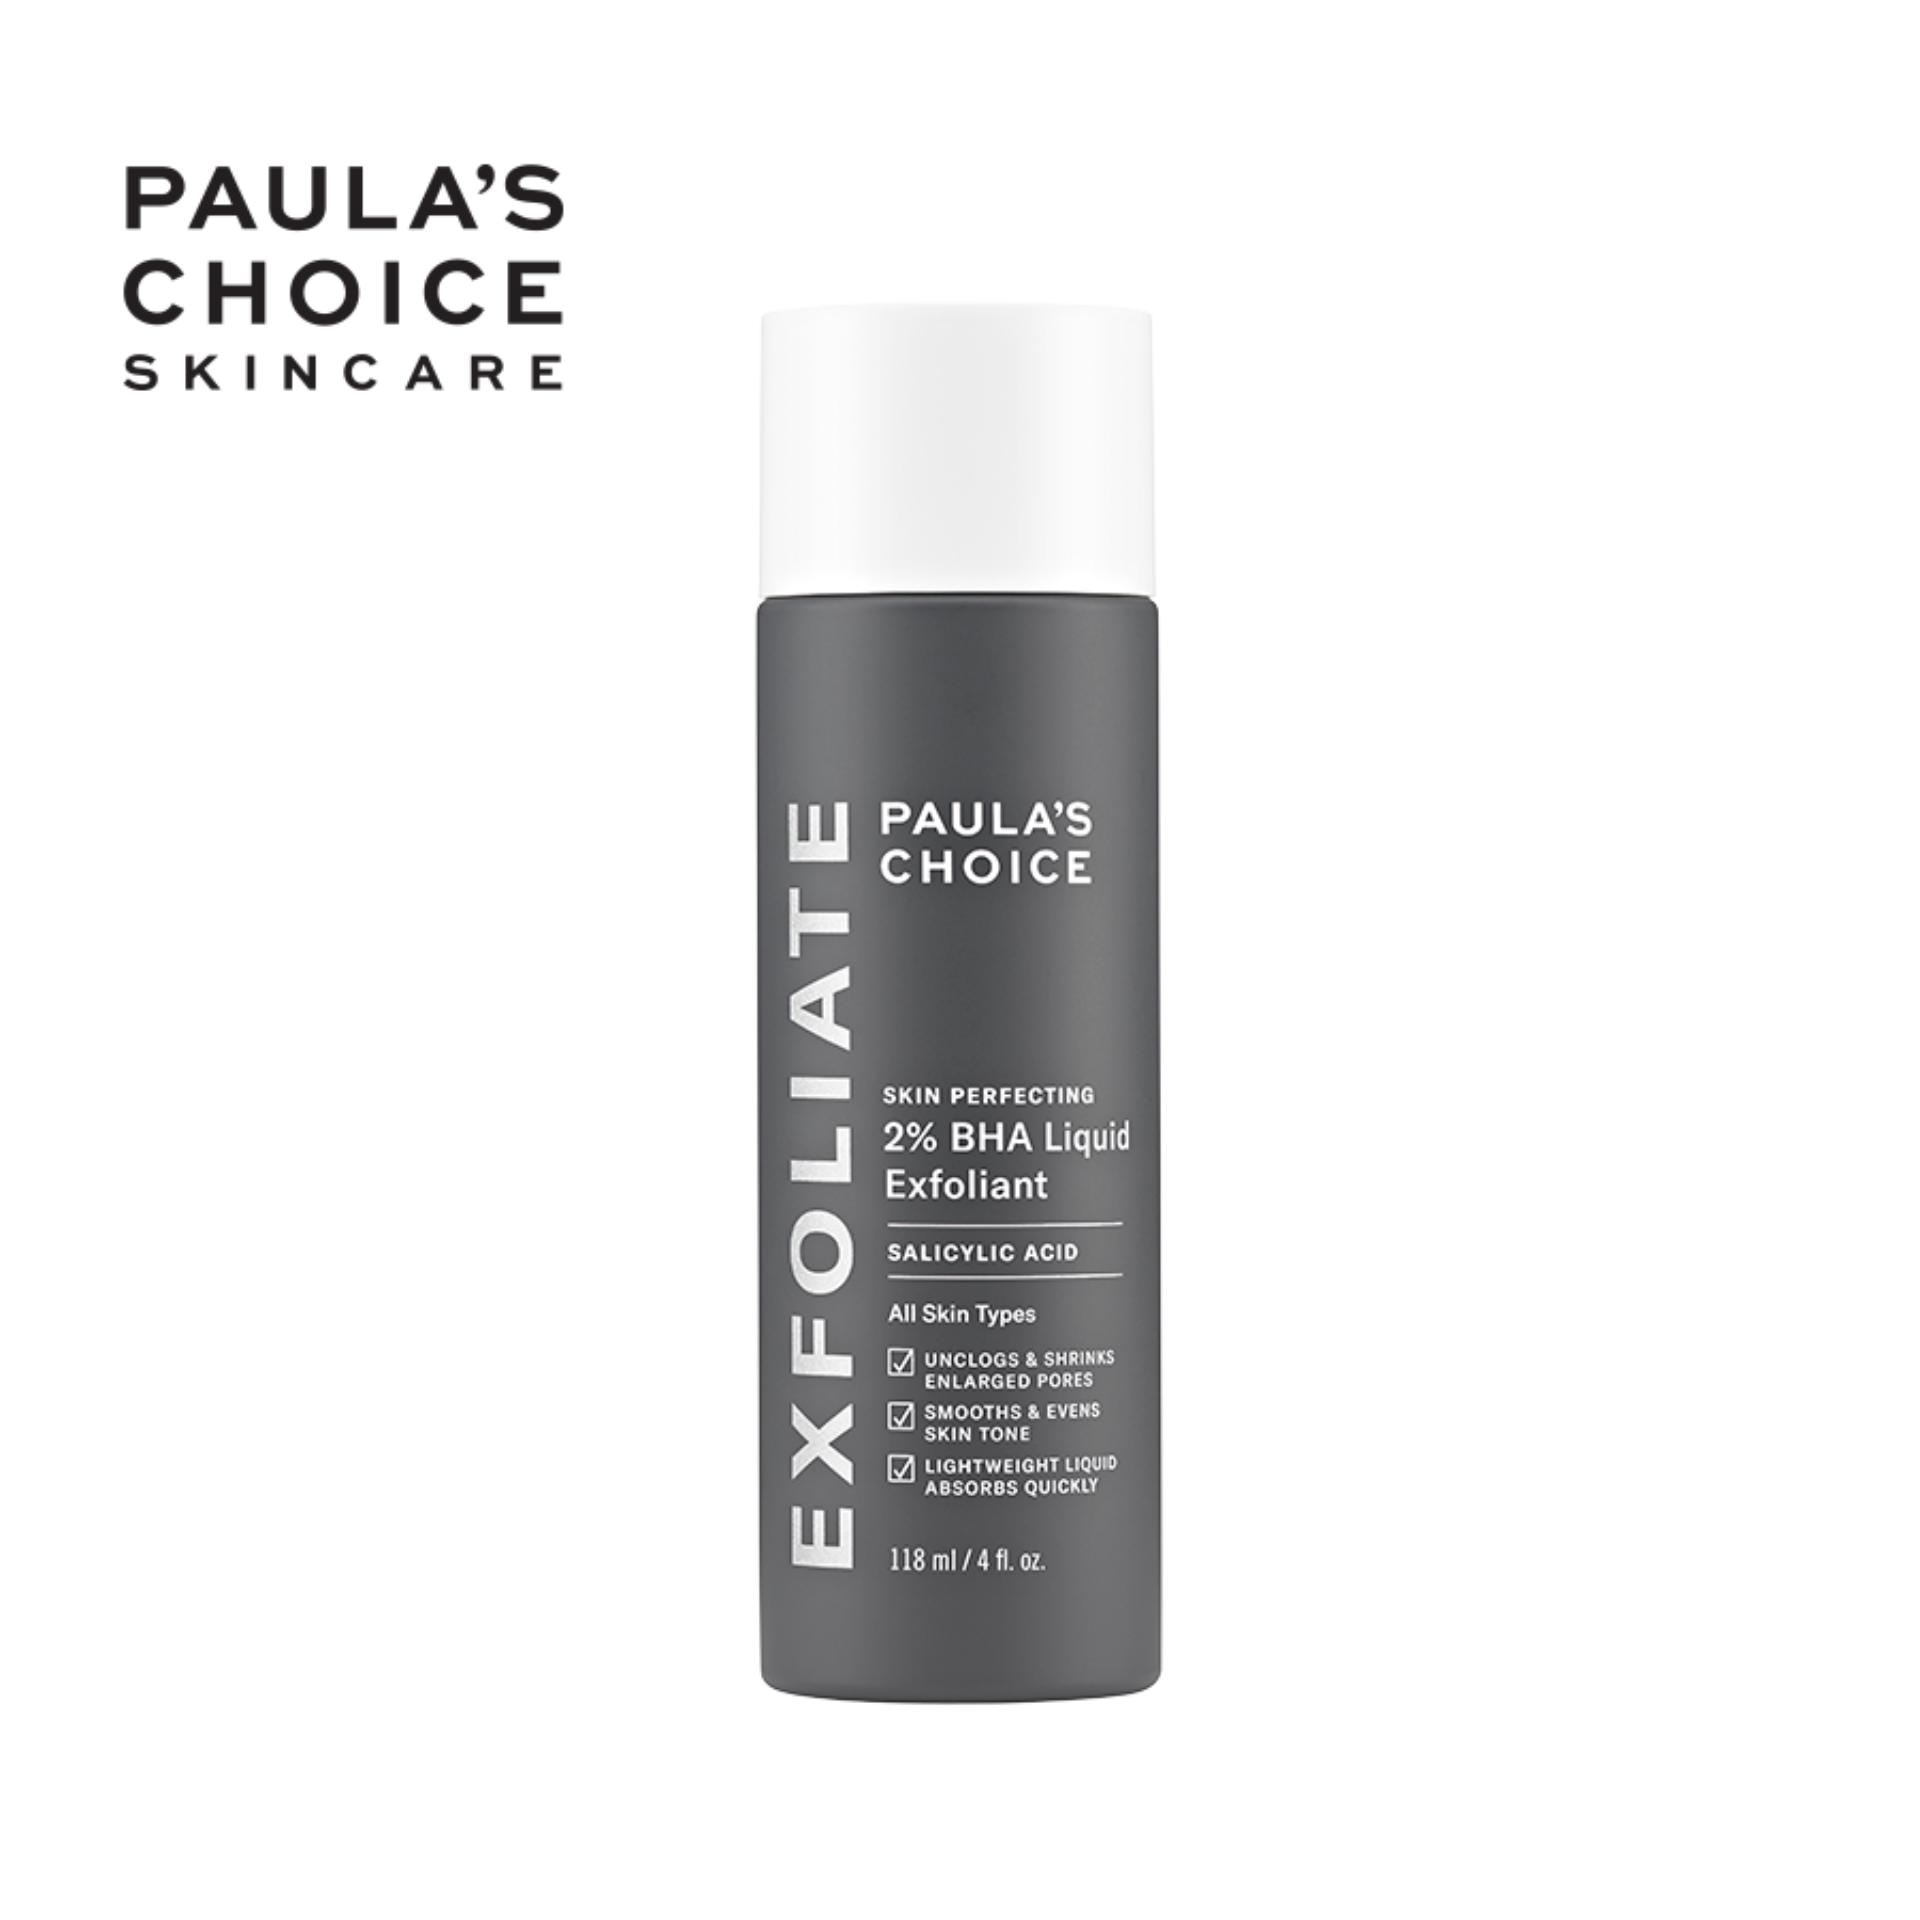 Dung dịch loại bỏ tế bào chết Paula's Choice Skin Perfecting 2% BHA Liquid Exfoliant 118 ml-2010